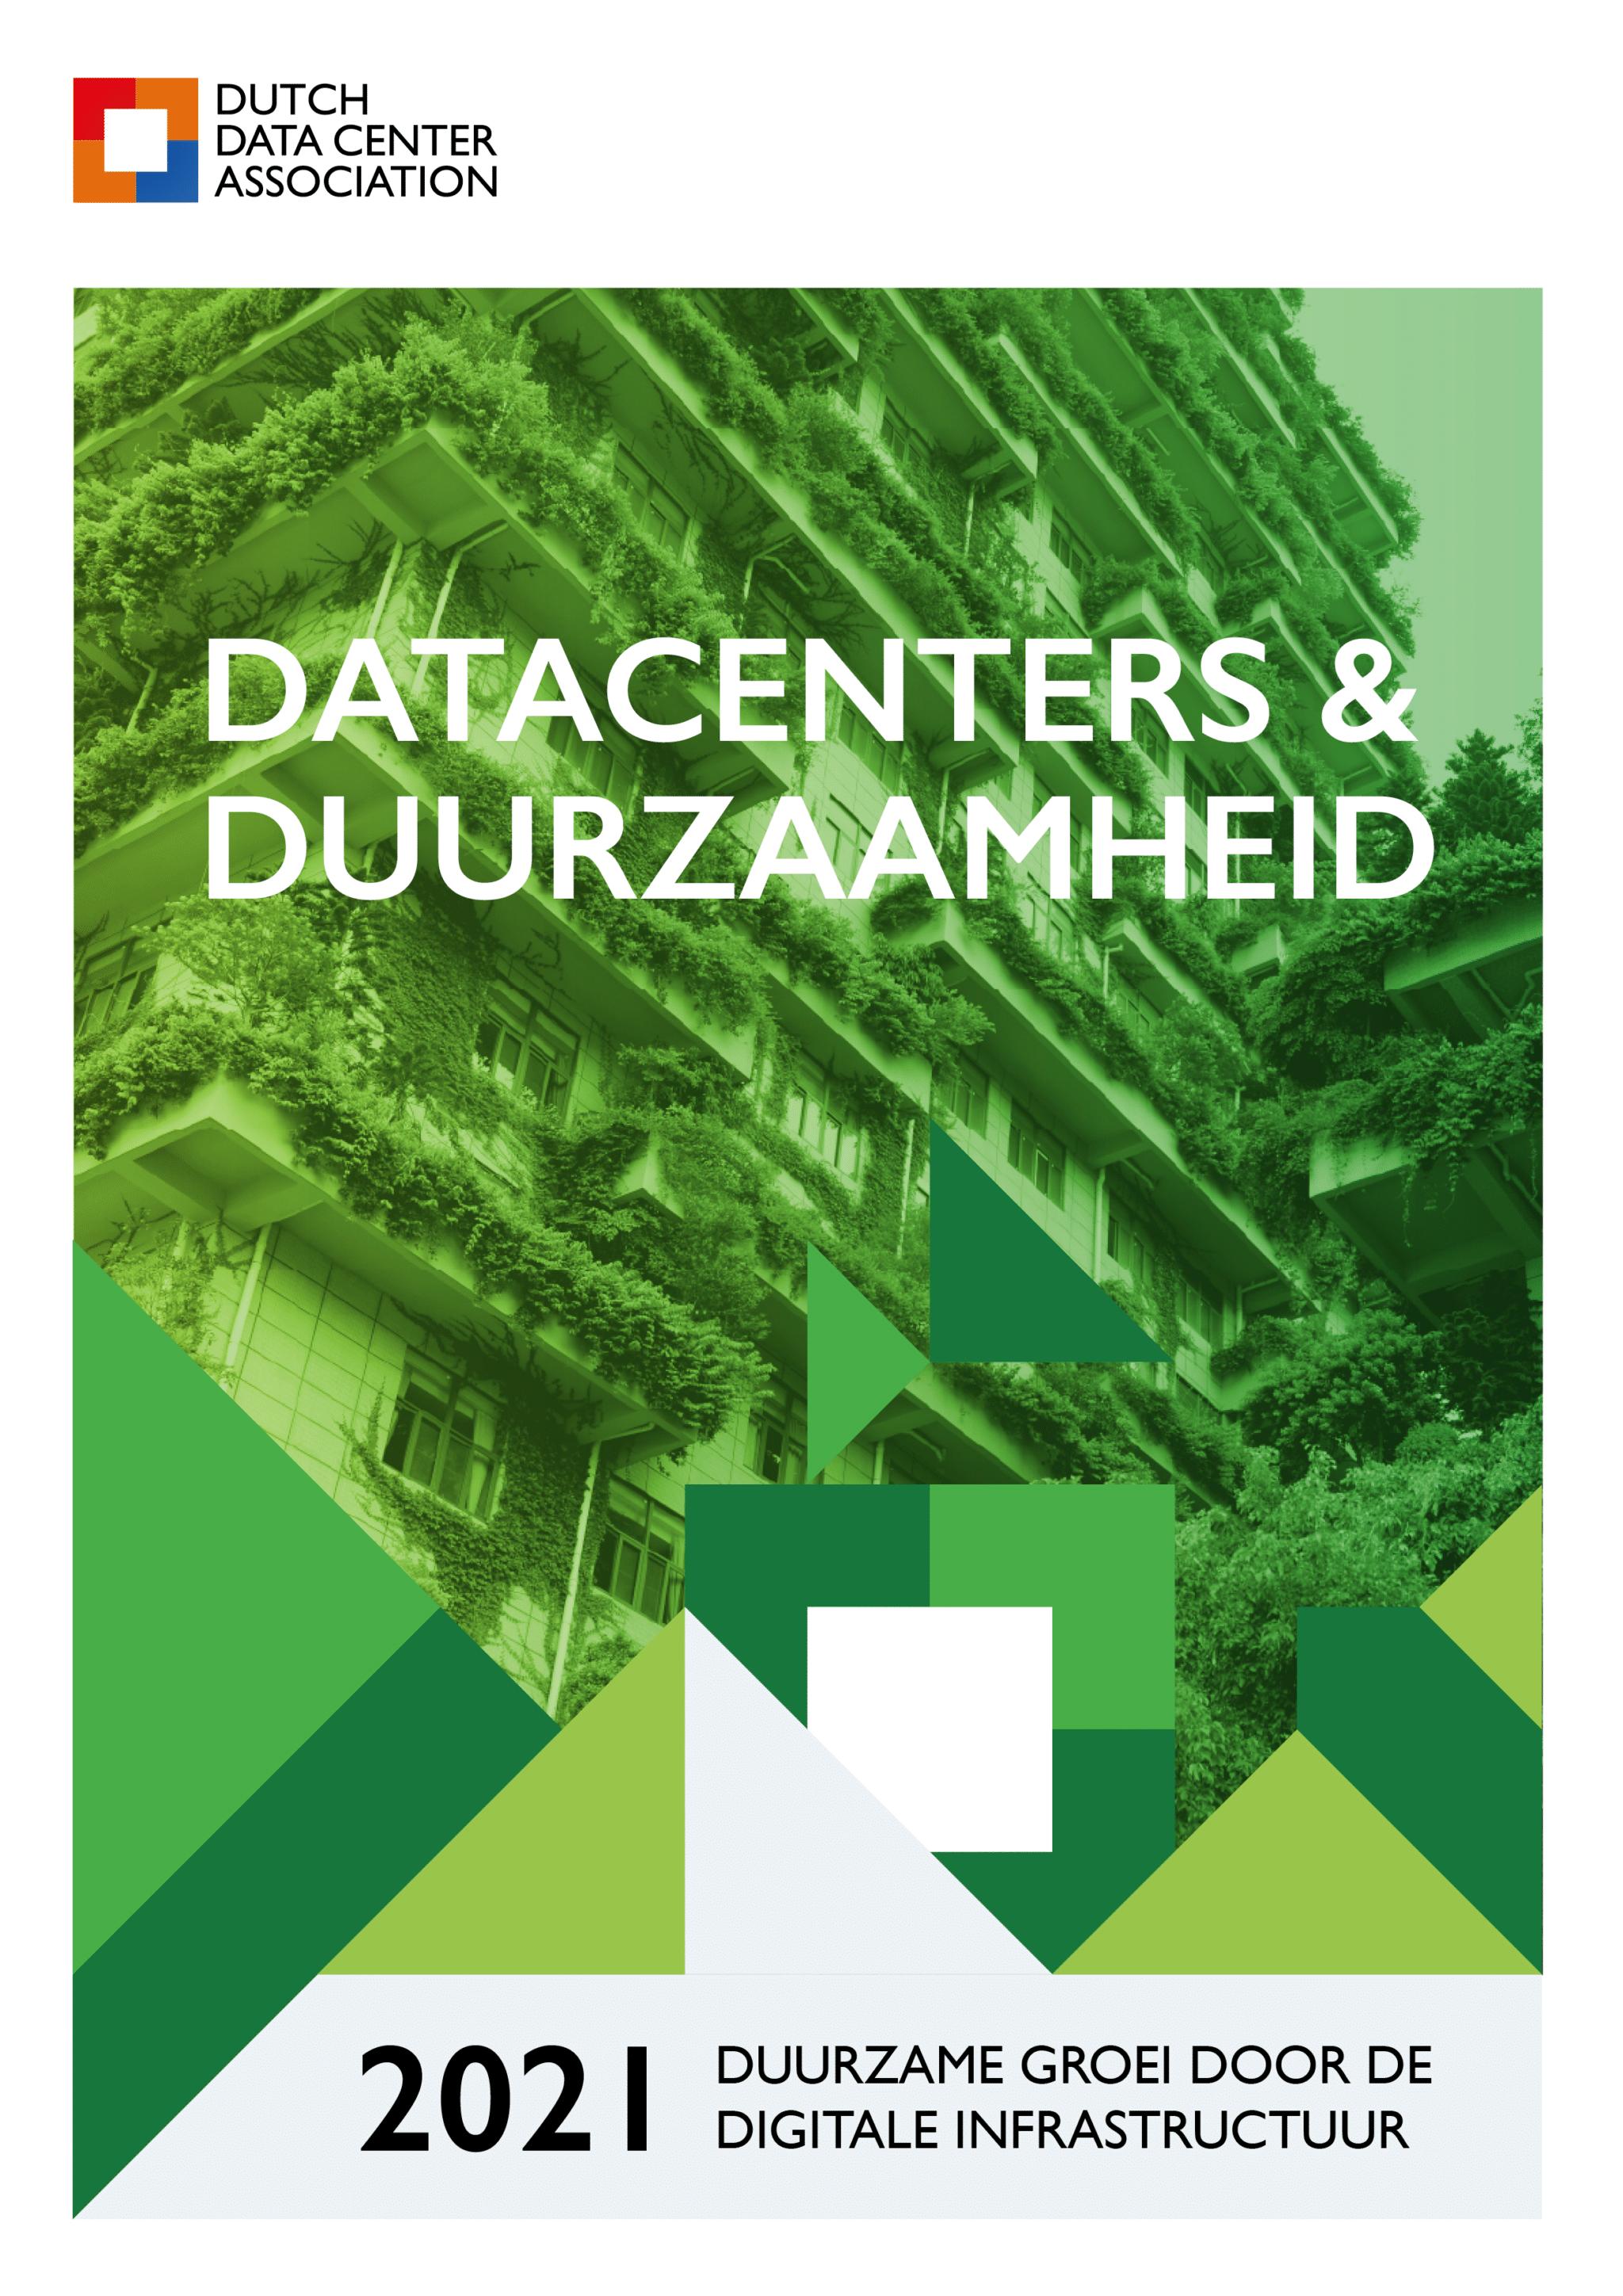 Datacenters & Duurzaamheid 2021